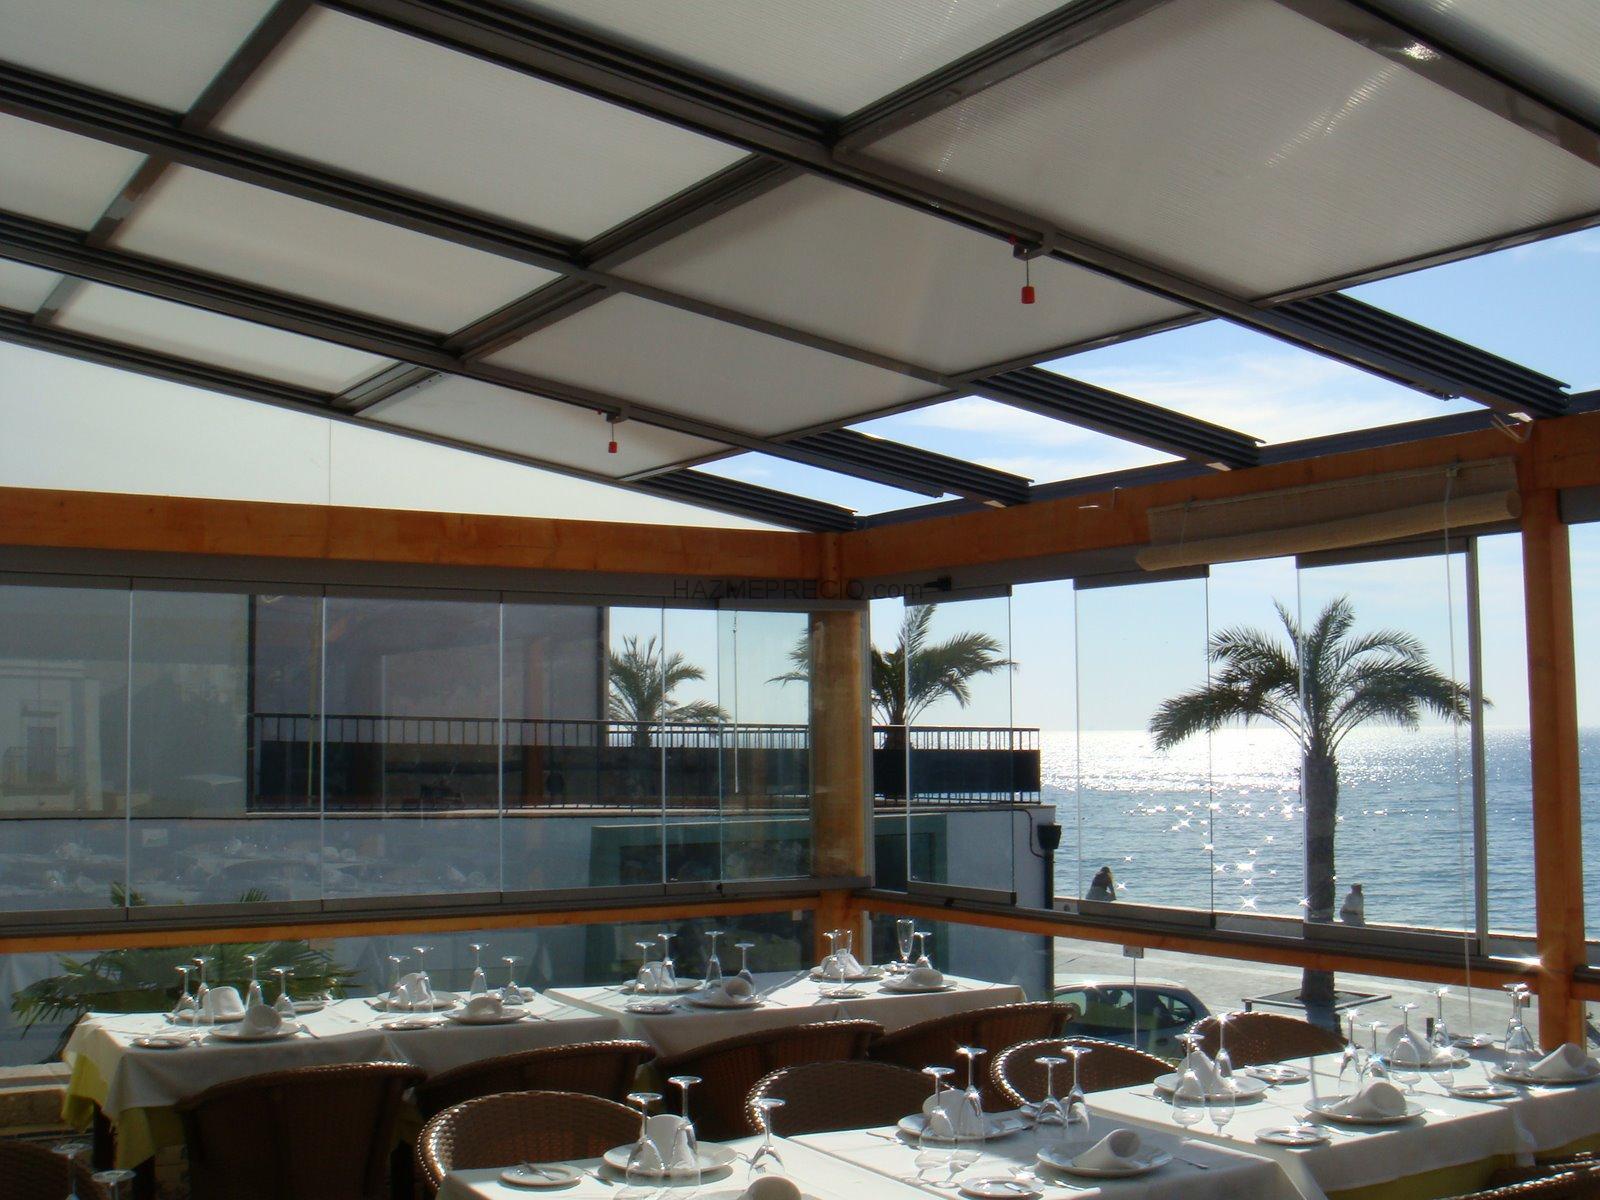 Presupuesto para cerramiento terraza en cortina de cristal navalcarnero madrid - Techos terrazas ...